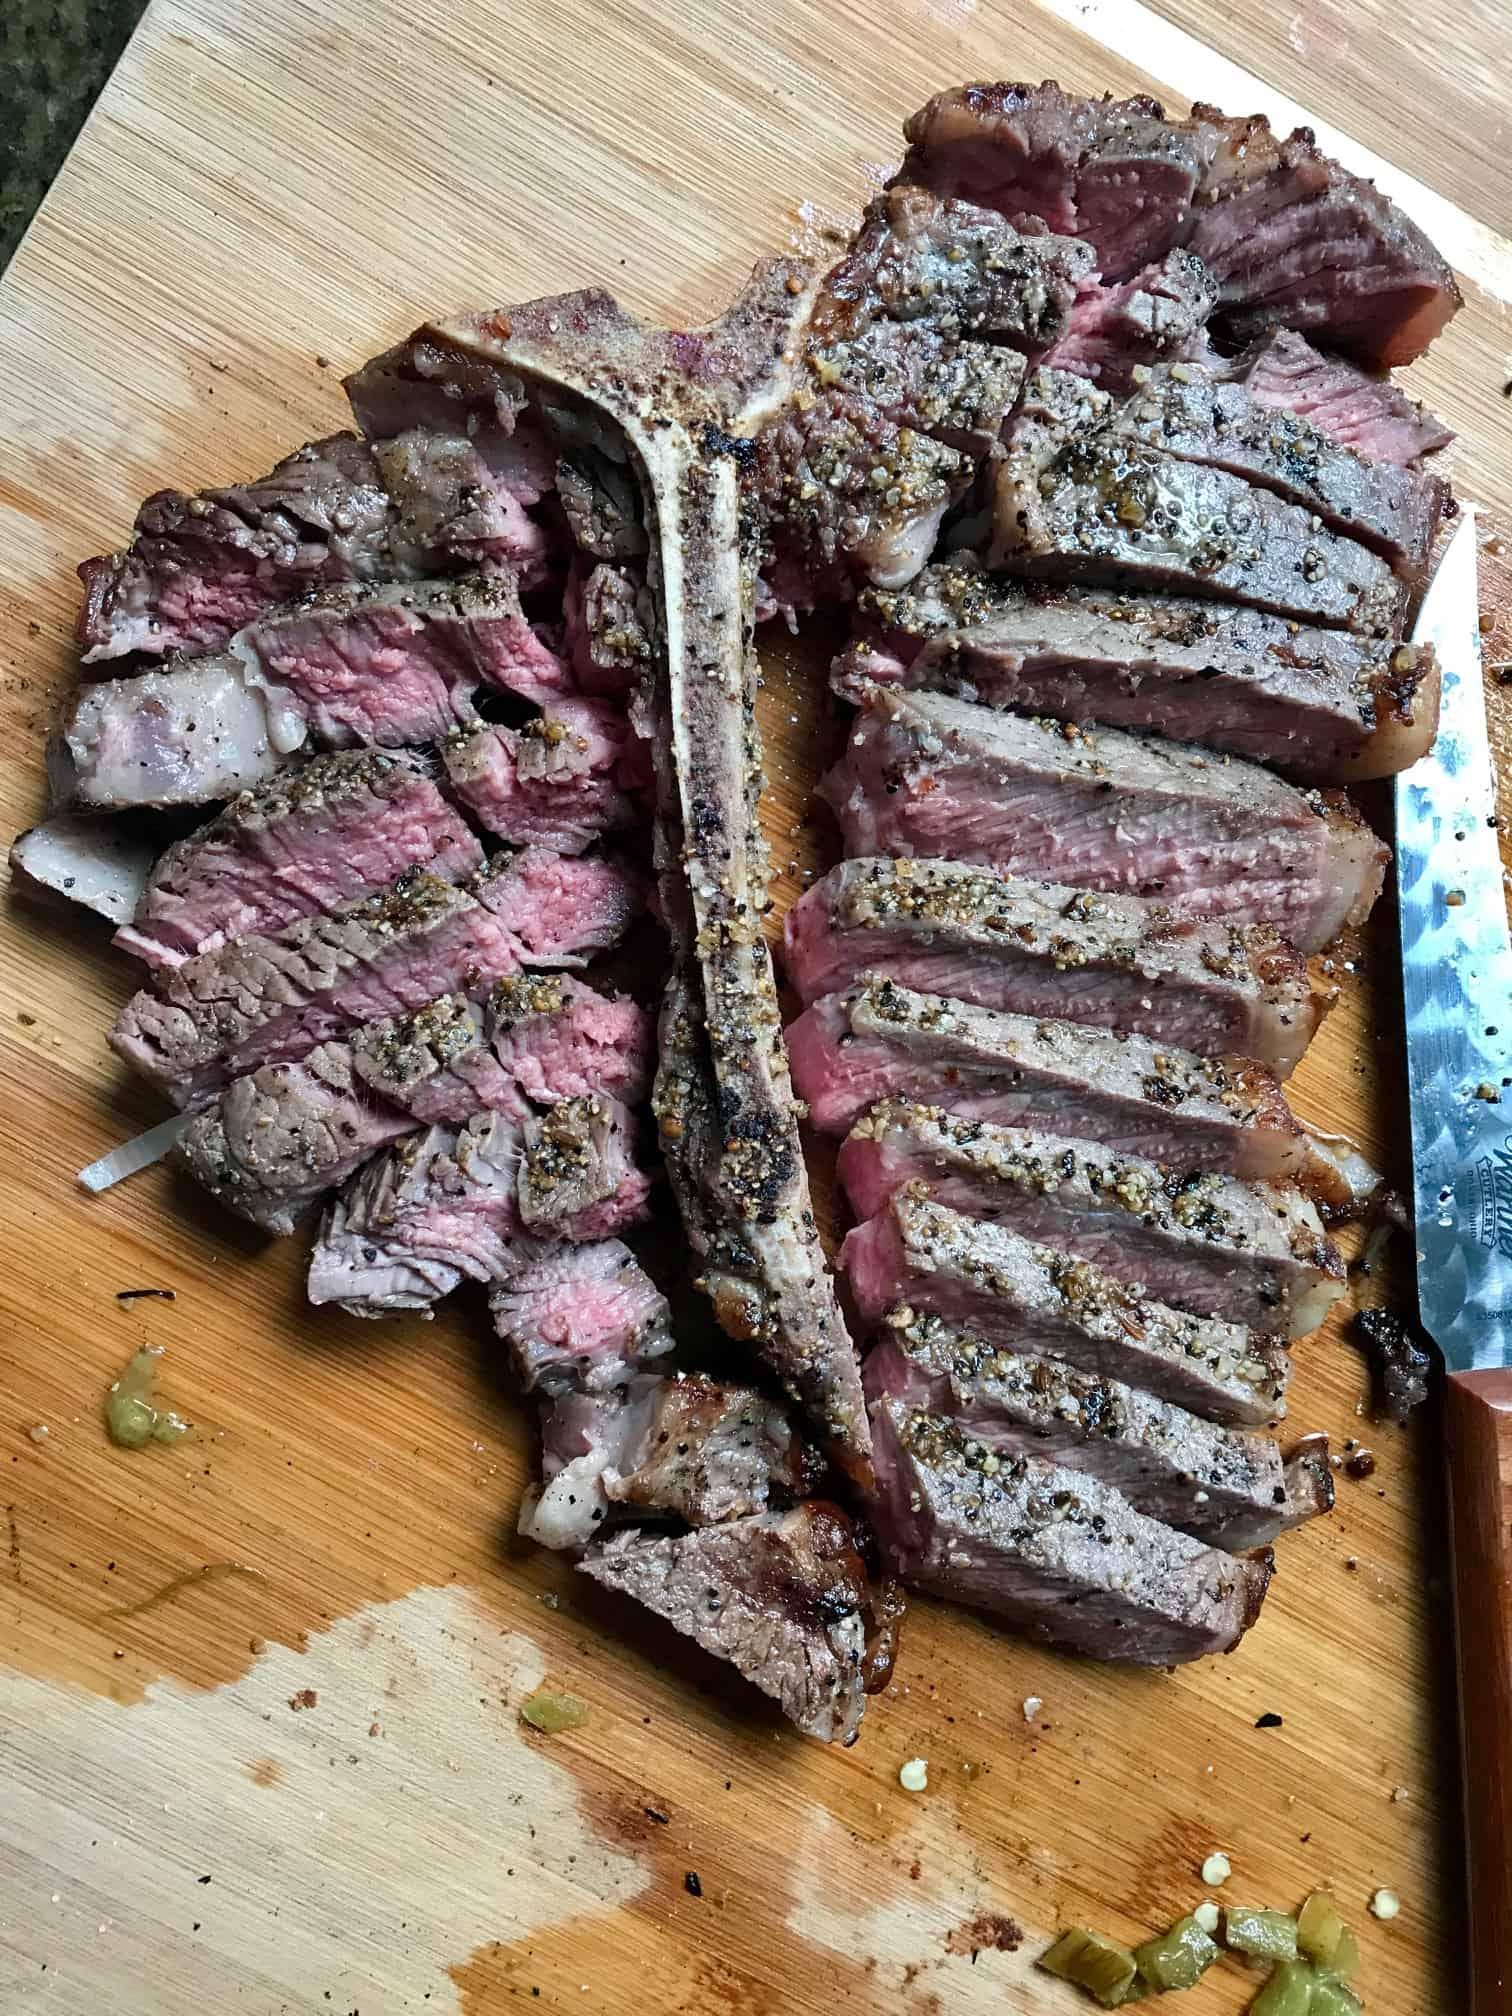 Reverse Sear Steak slices by bone on wooden cutting board